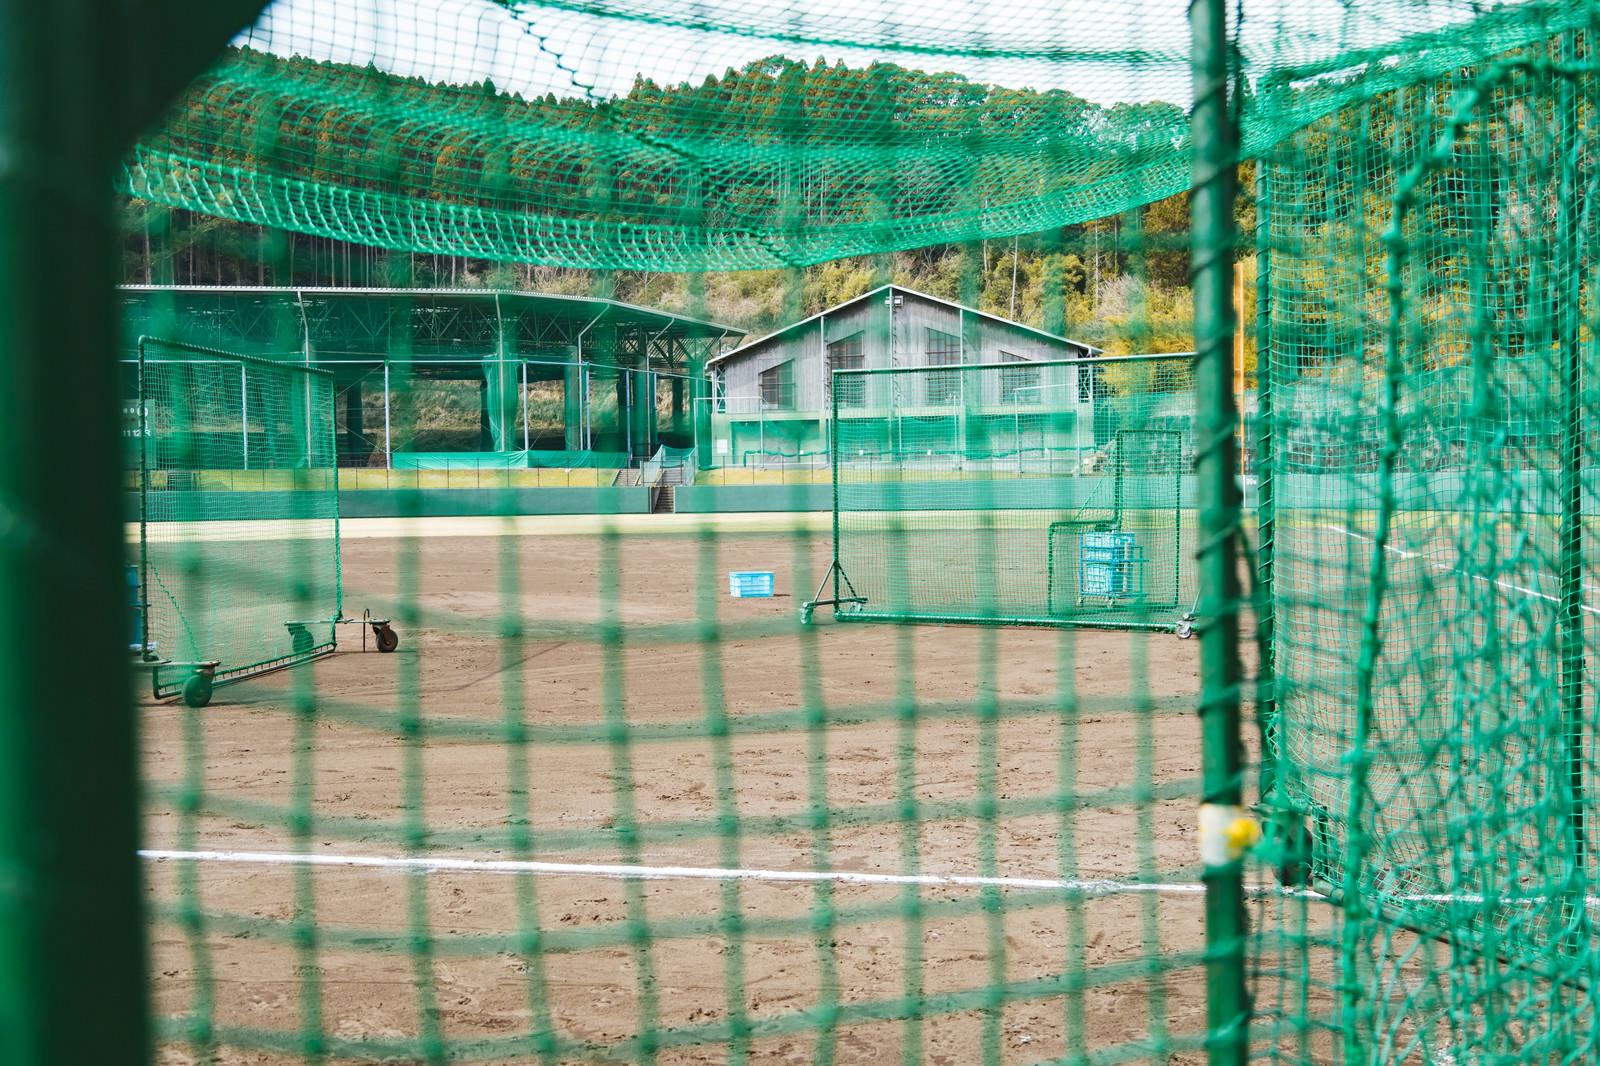 「野球場で練習中(ネット越し)野球場で練習中(ネット越し)」のフリー写真素材を拡大